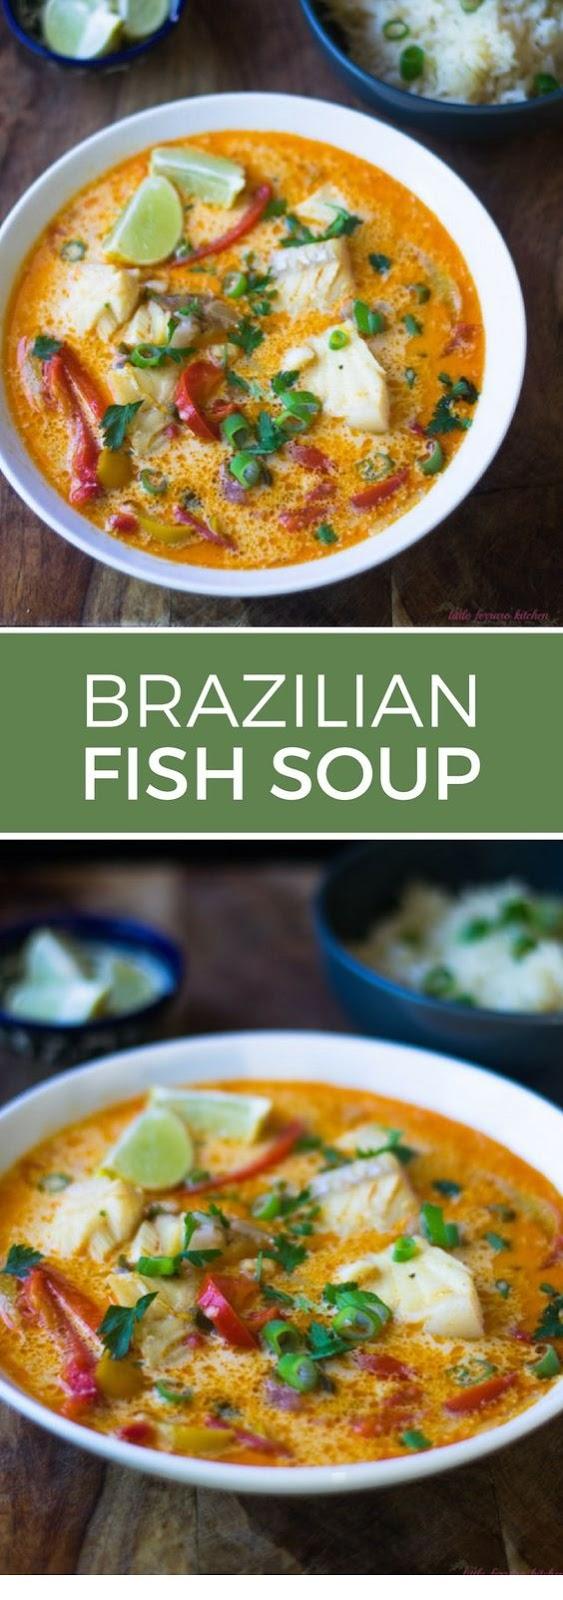 Brazilian Moqueca Fish Soup